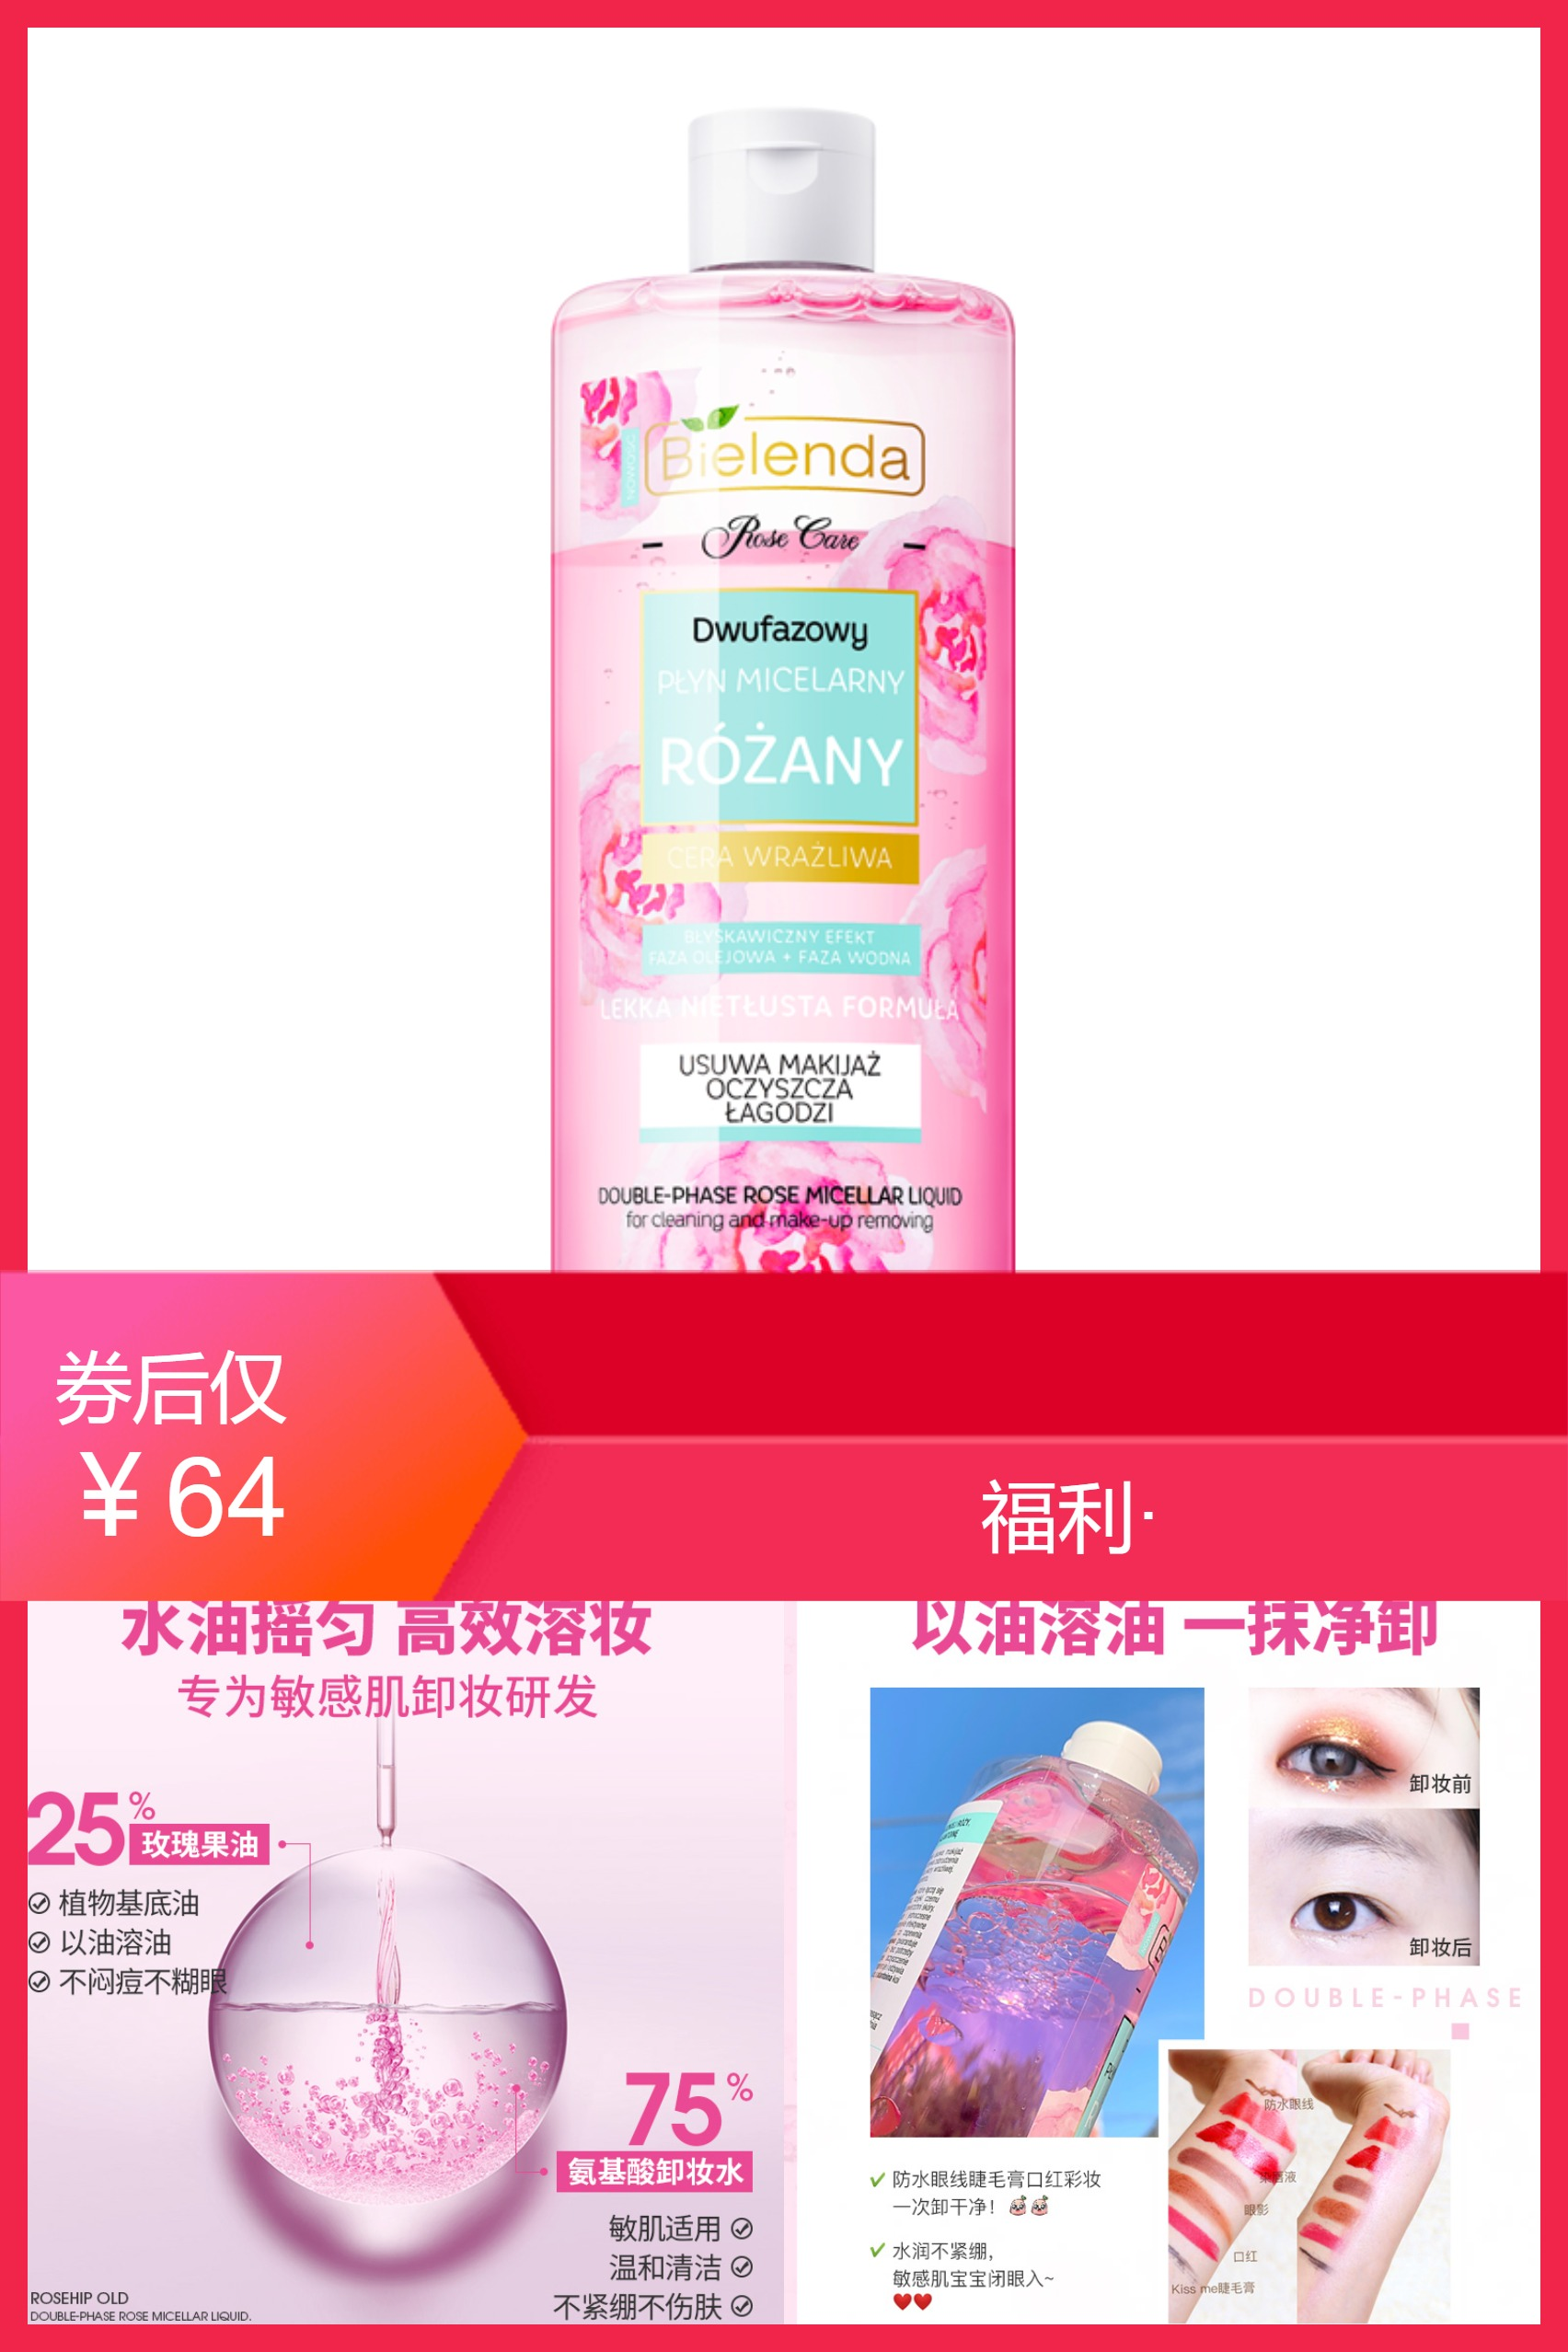 【碧莲达】玫瑰果油卸妆水500ML价格/优惠_券后59元包邮